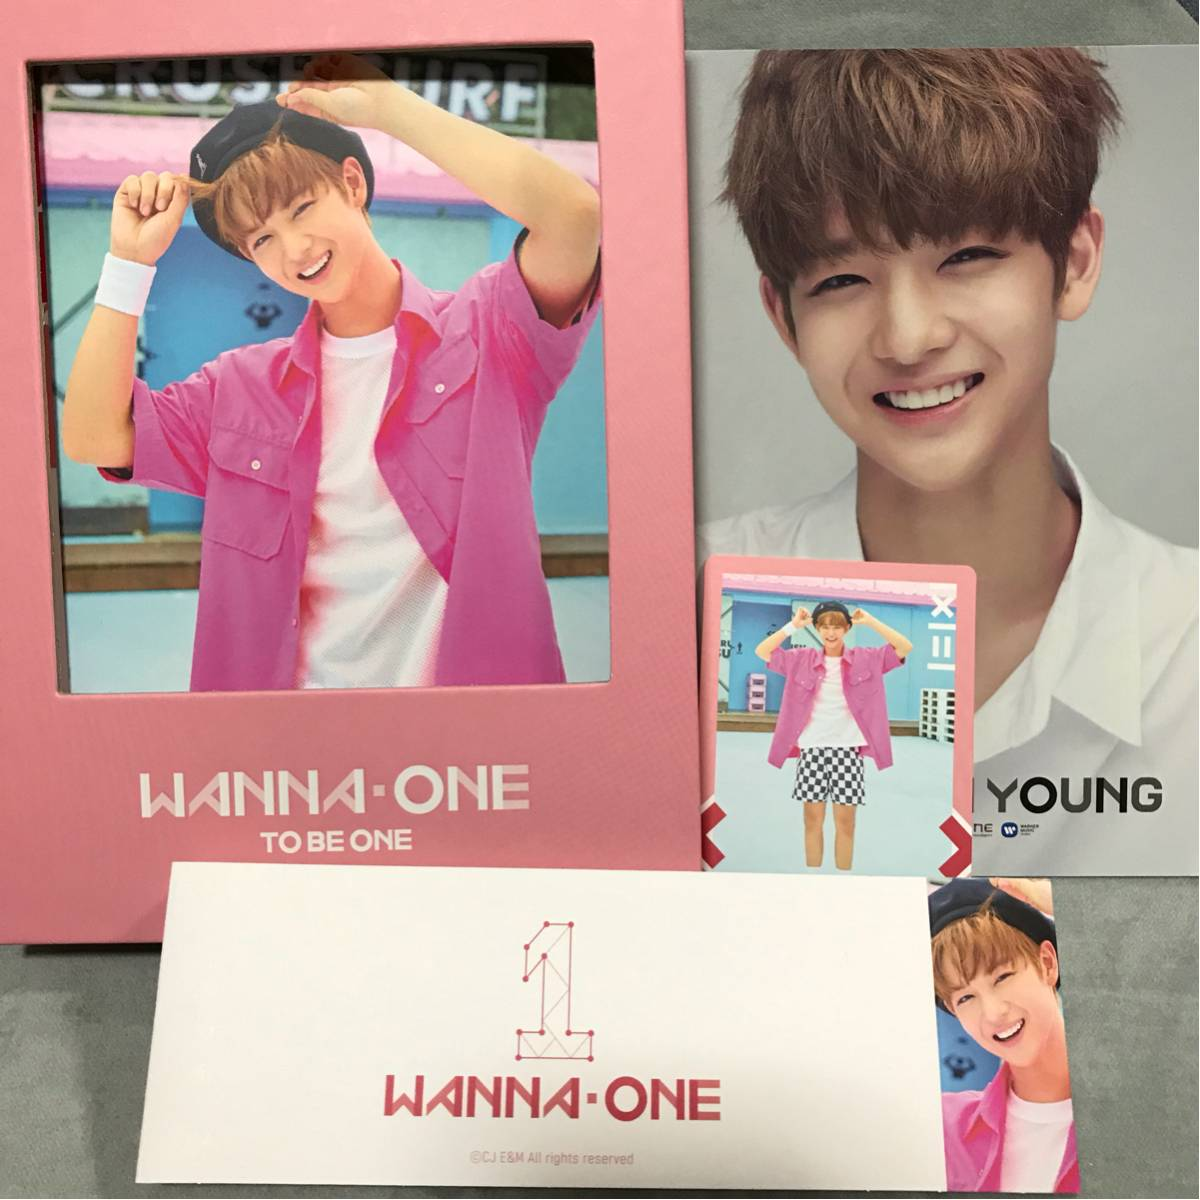 新作!Wannaone ワナワン 韓国盤CD pink ペジニョン コンプリートver. 台湾盤限定特典ポストカード付き!